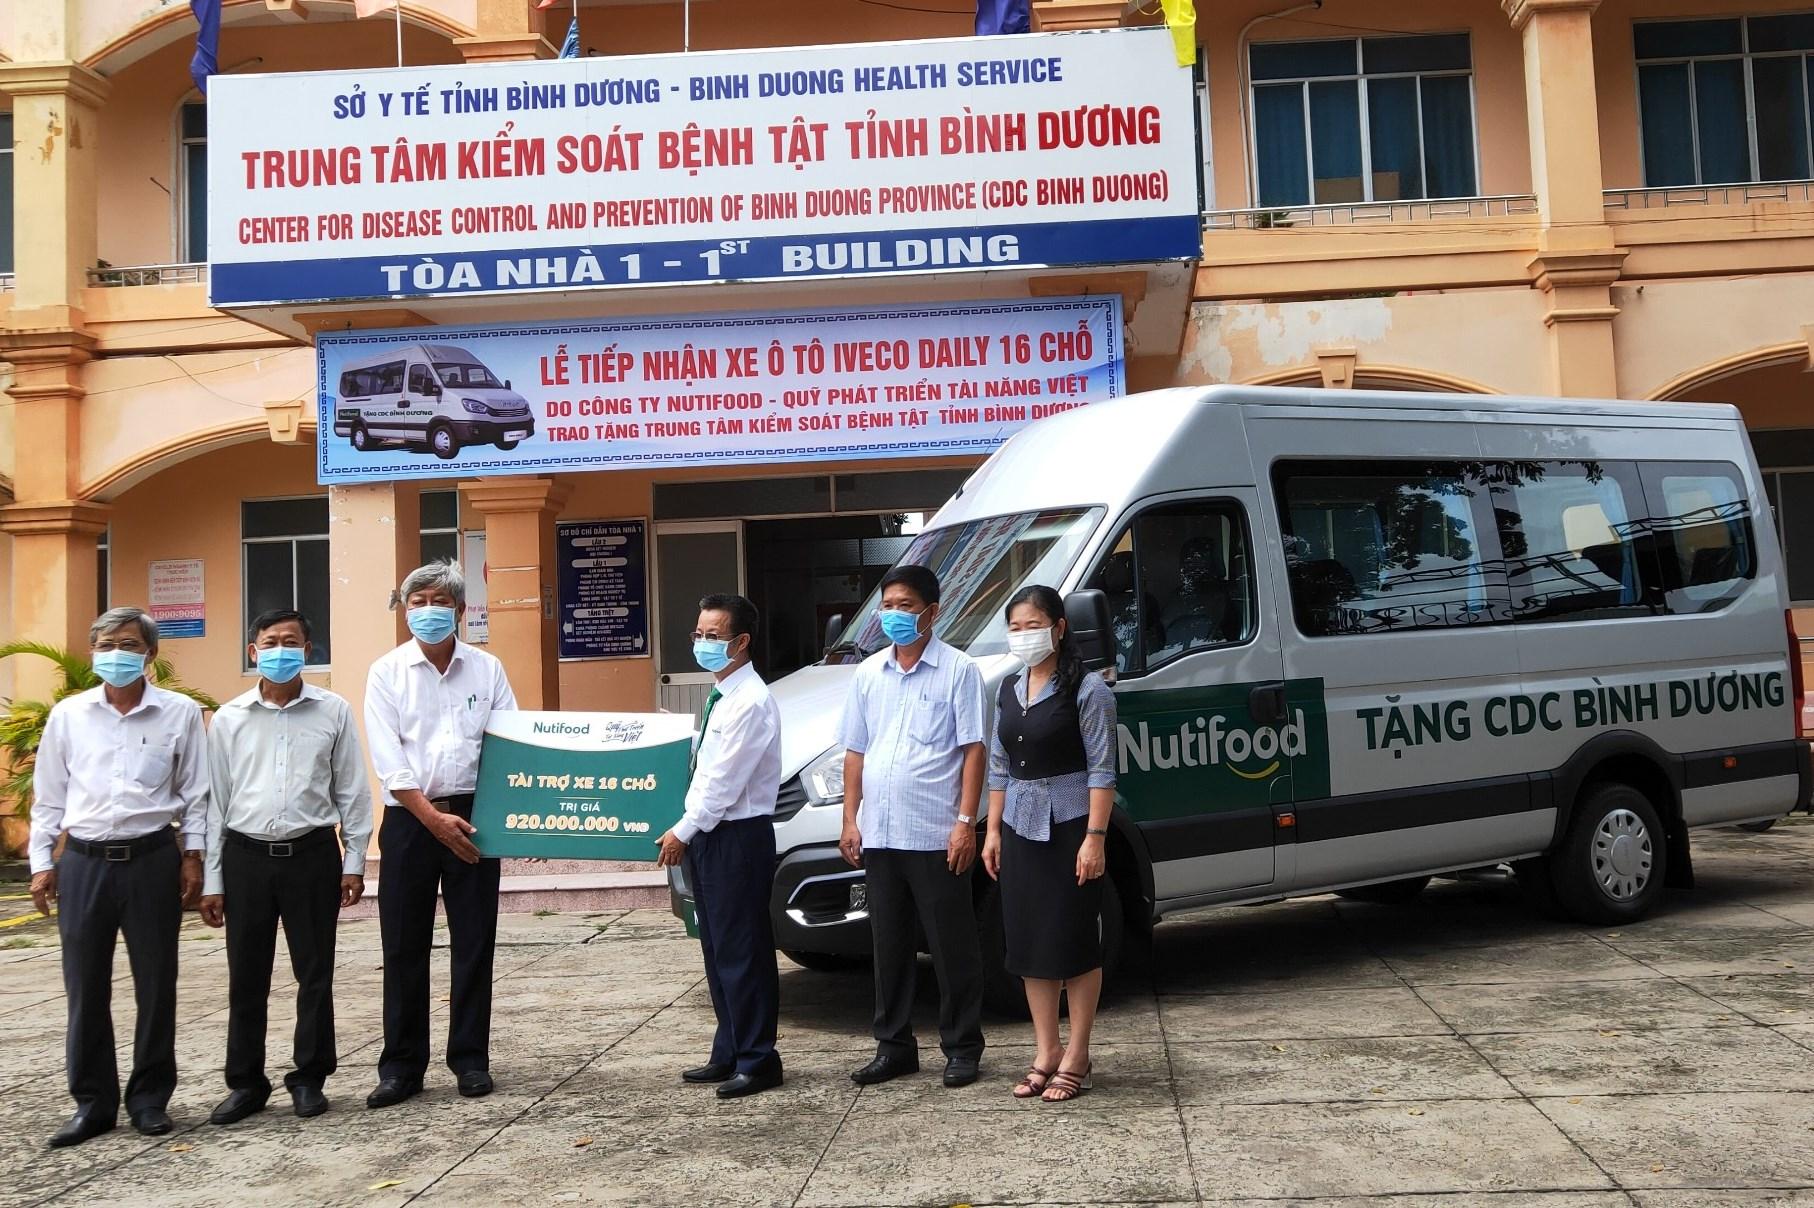 Đại diện Quỹ Phát triển tài năng Việt của Ông Bầu trao xe ô tô 16 chỗ cho Trung tâm Kiểm soát bệnh tật tỉnh Bình Dương. Ảnh: Nutifood